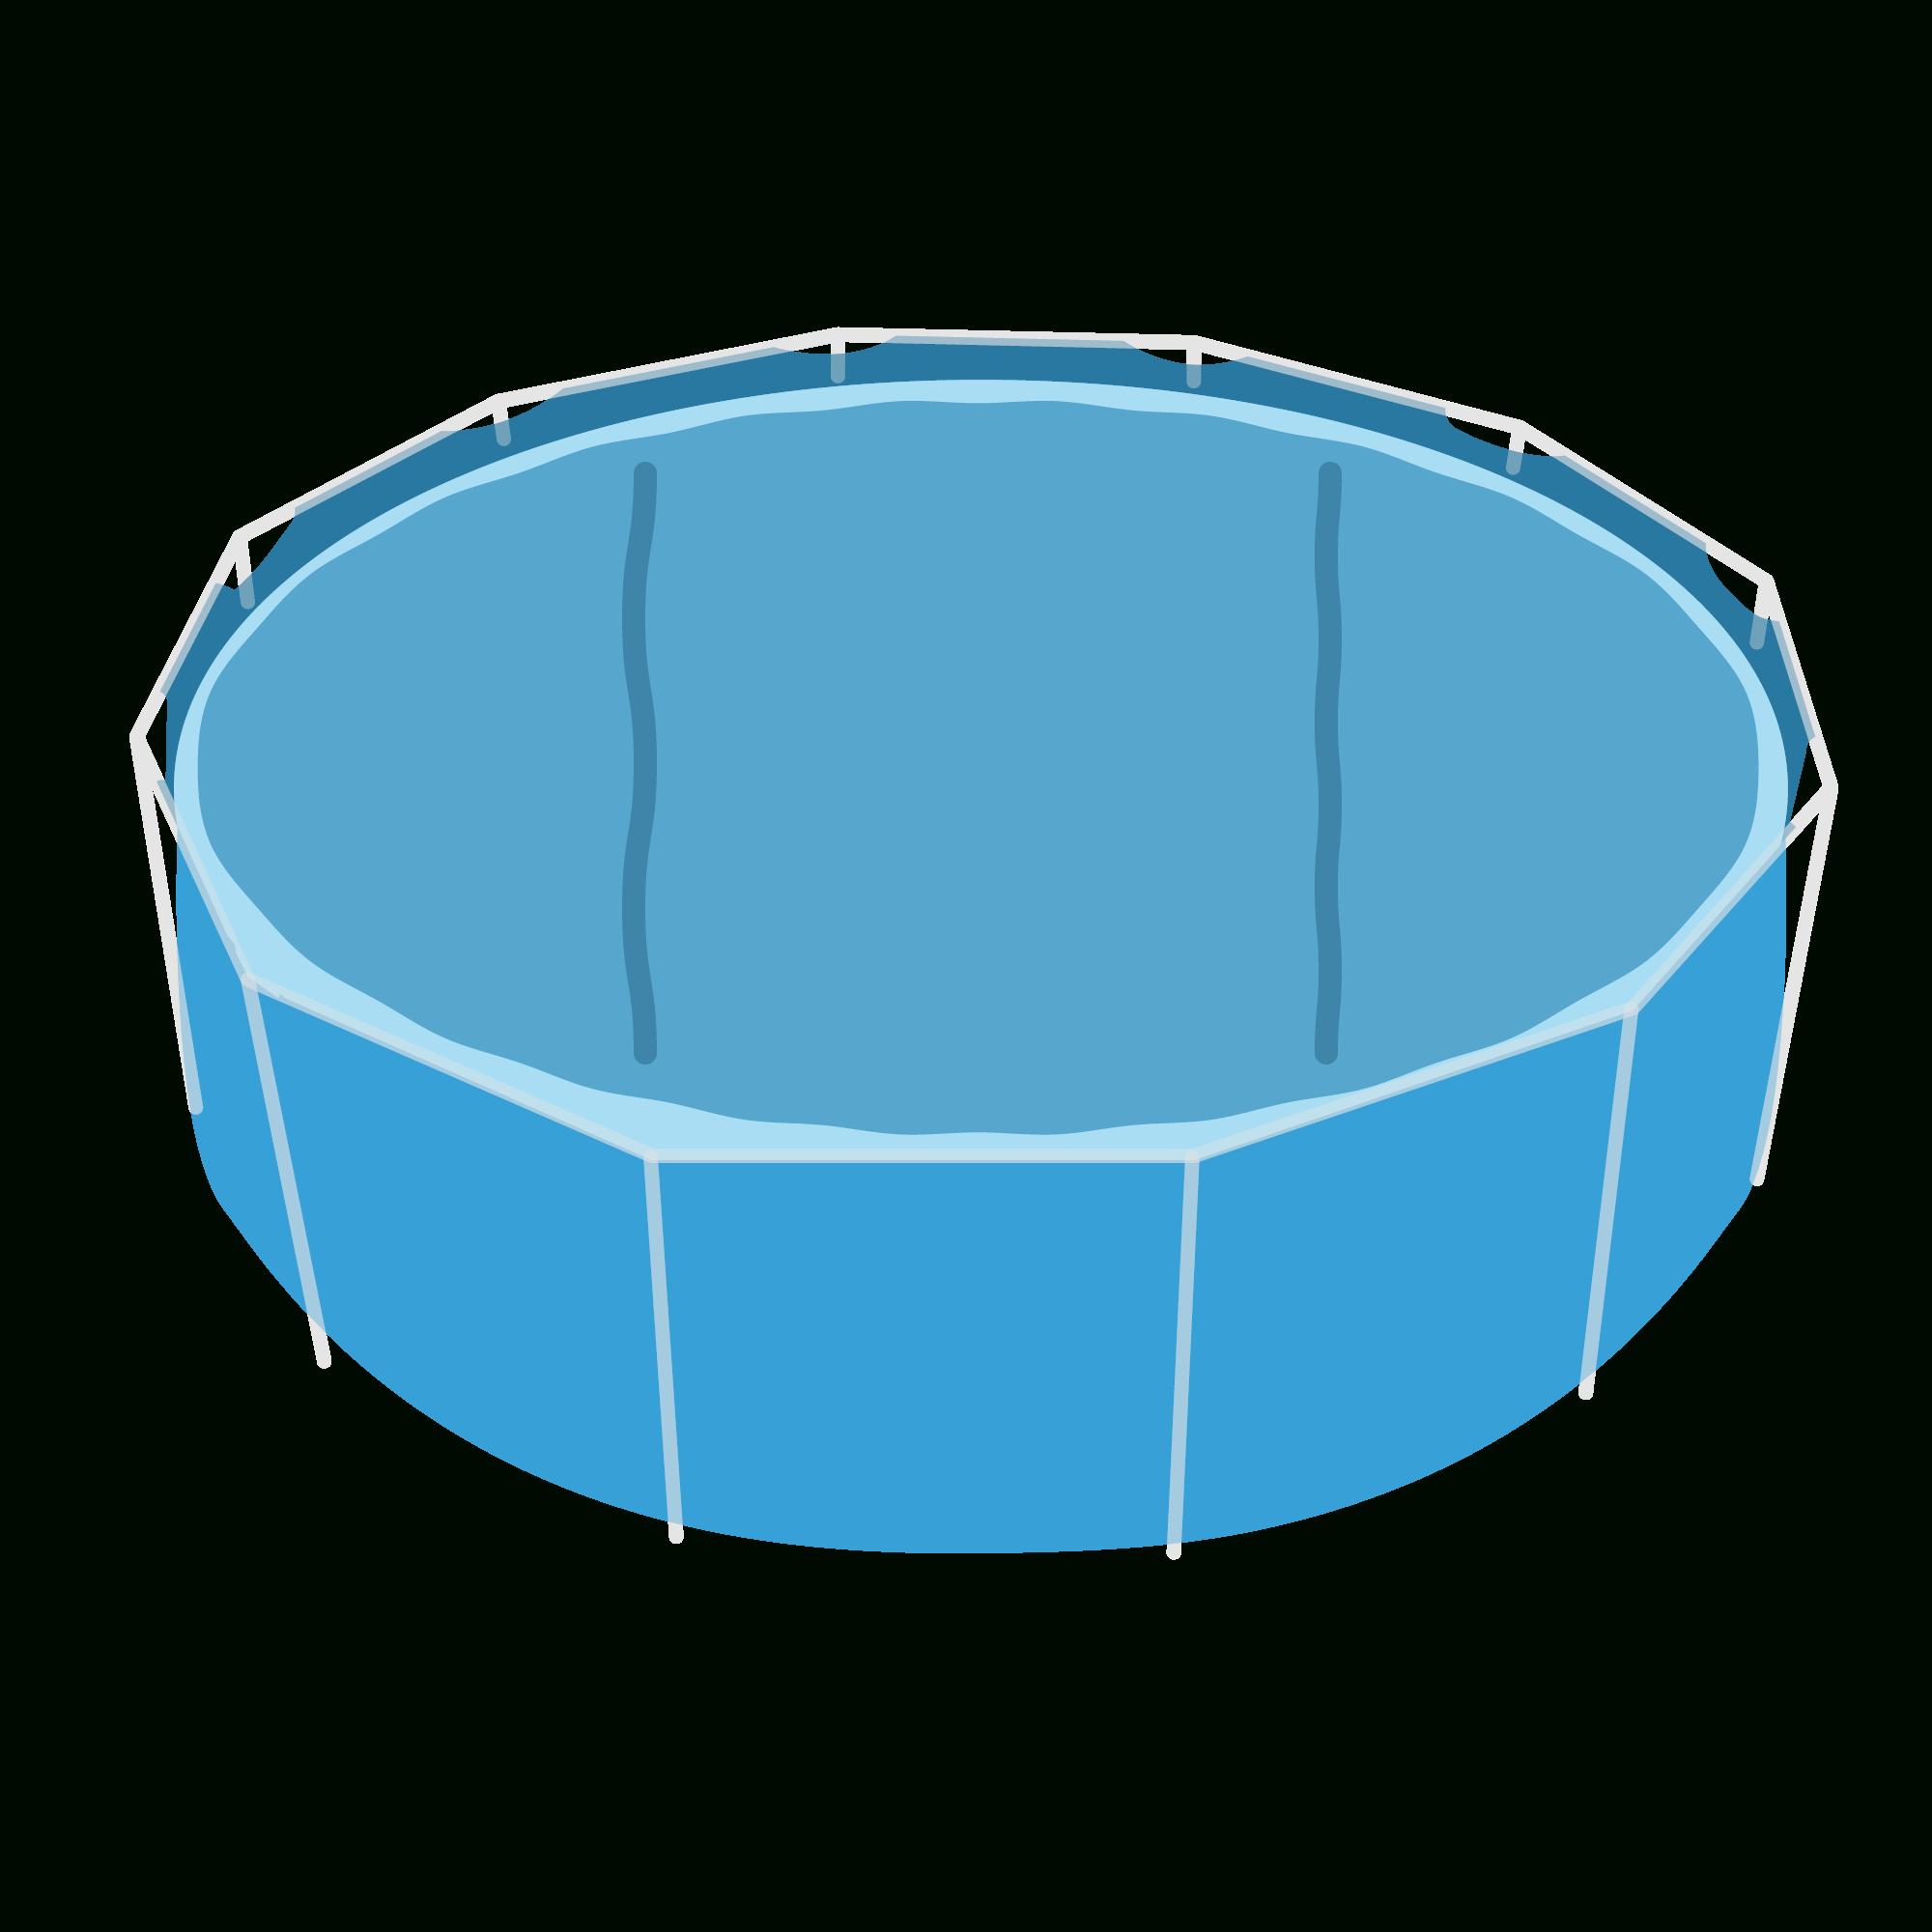 Accessoires Pour Piscine Hors Sol : Quel Type D'équipement ... à Piscine Tubulaire Ou Autoportée